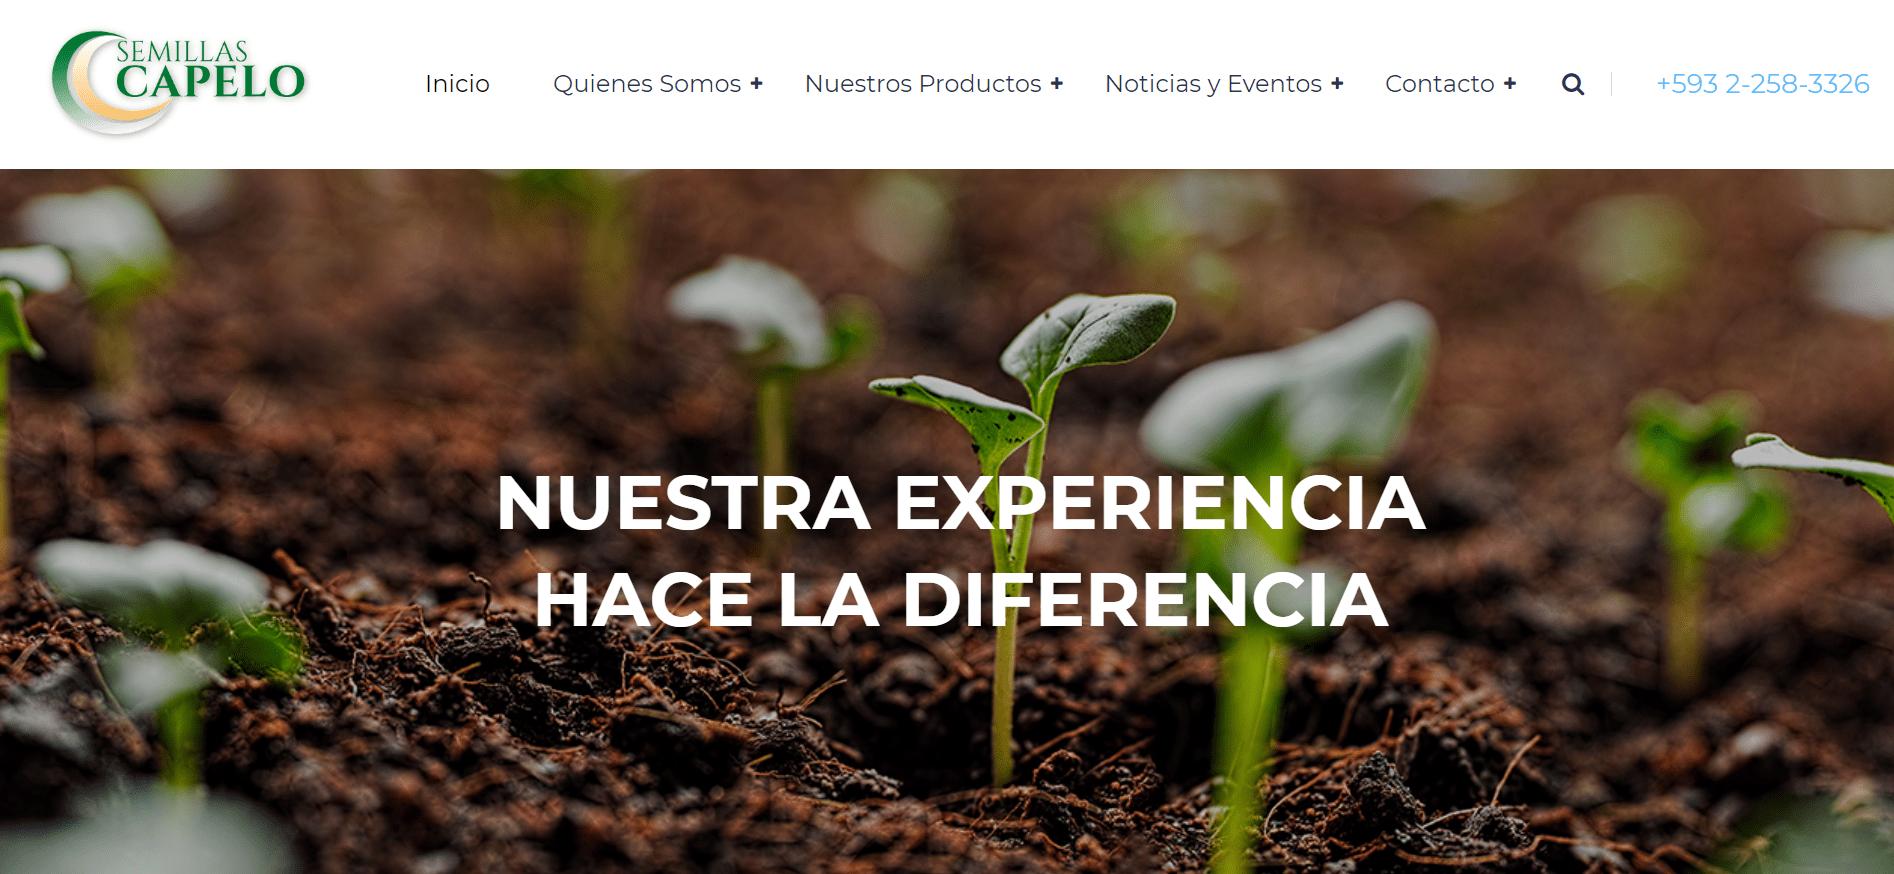 Semillas Capelo Homepage